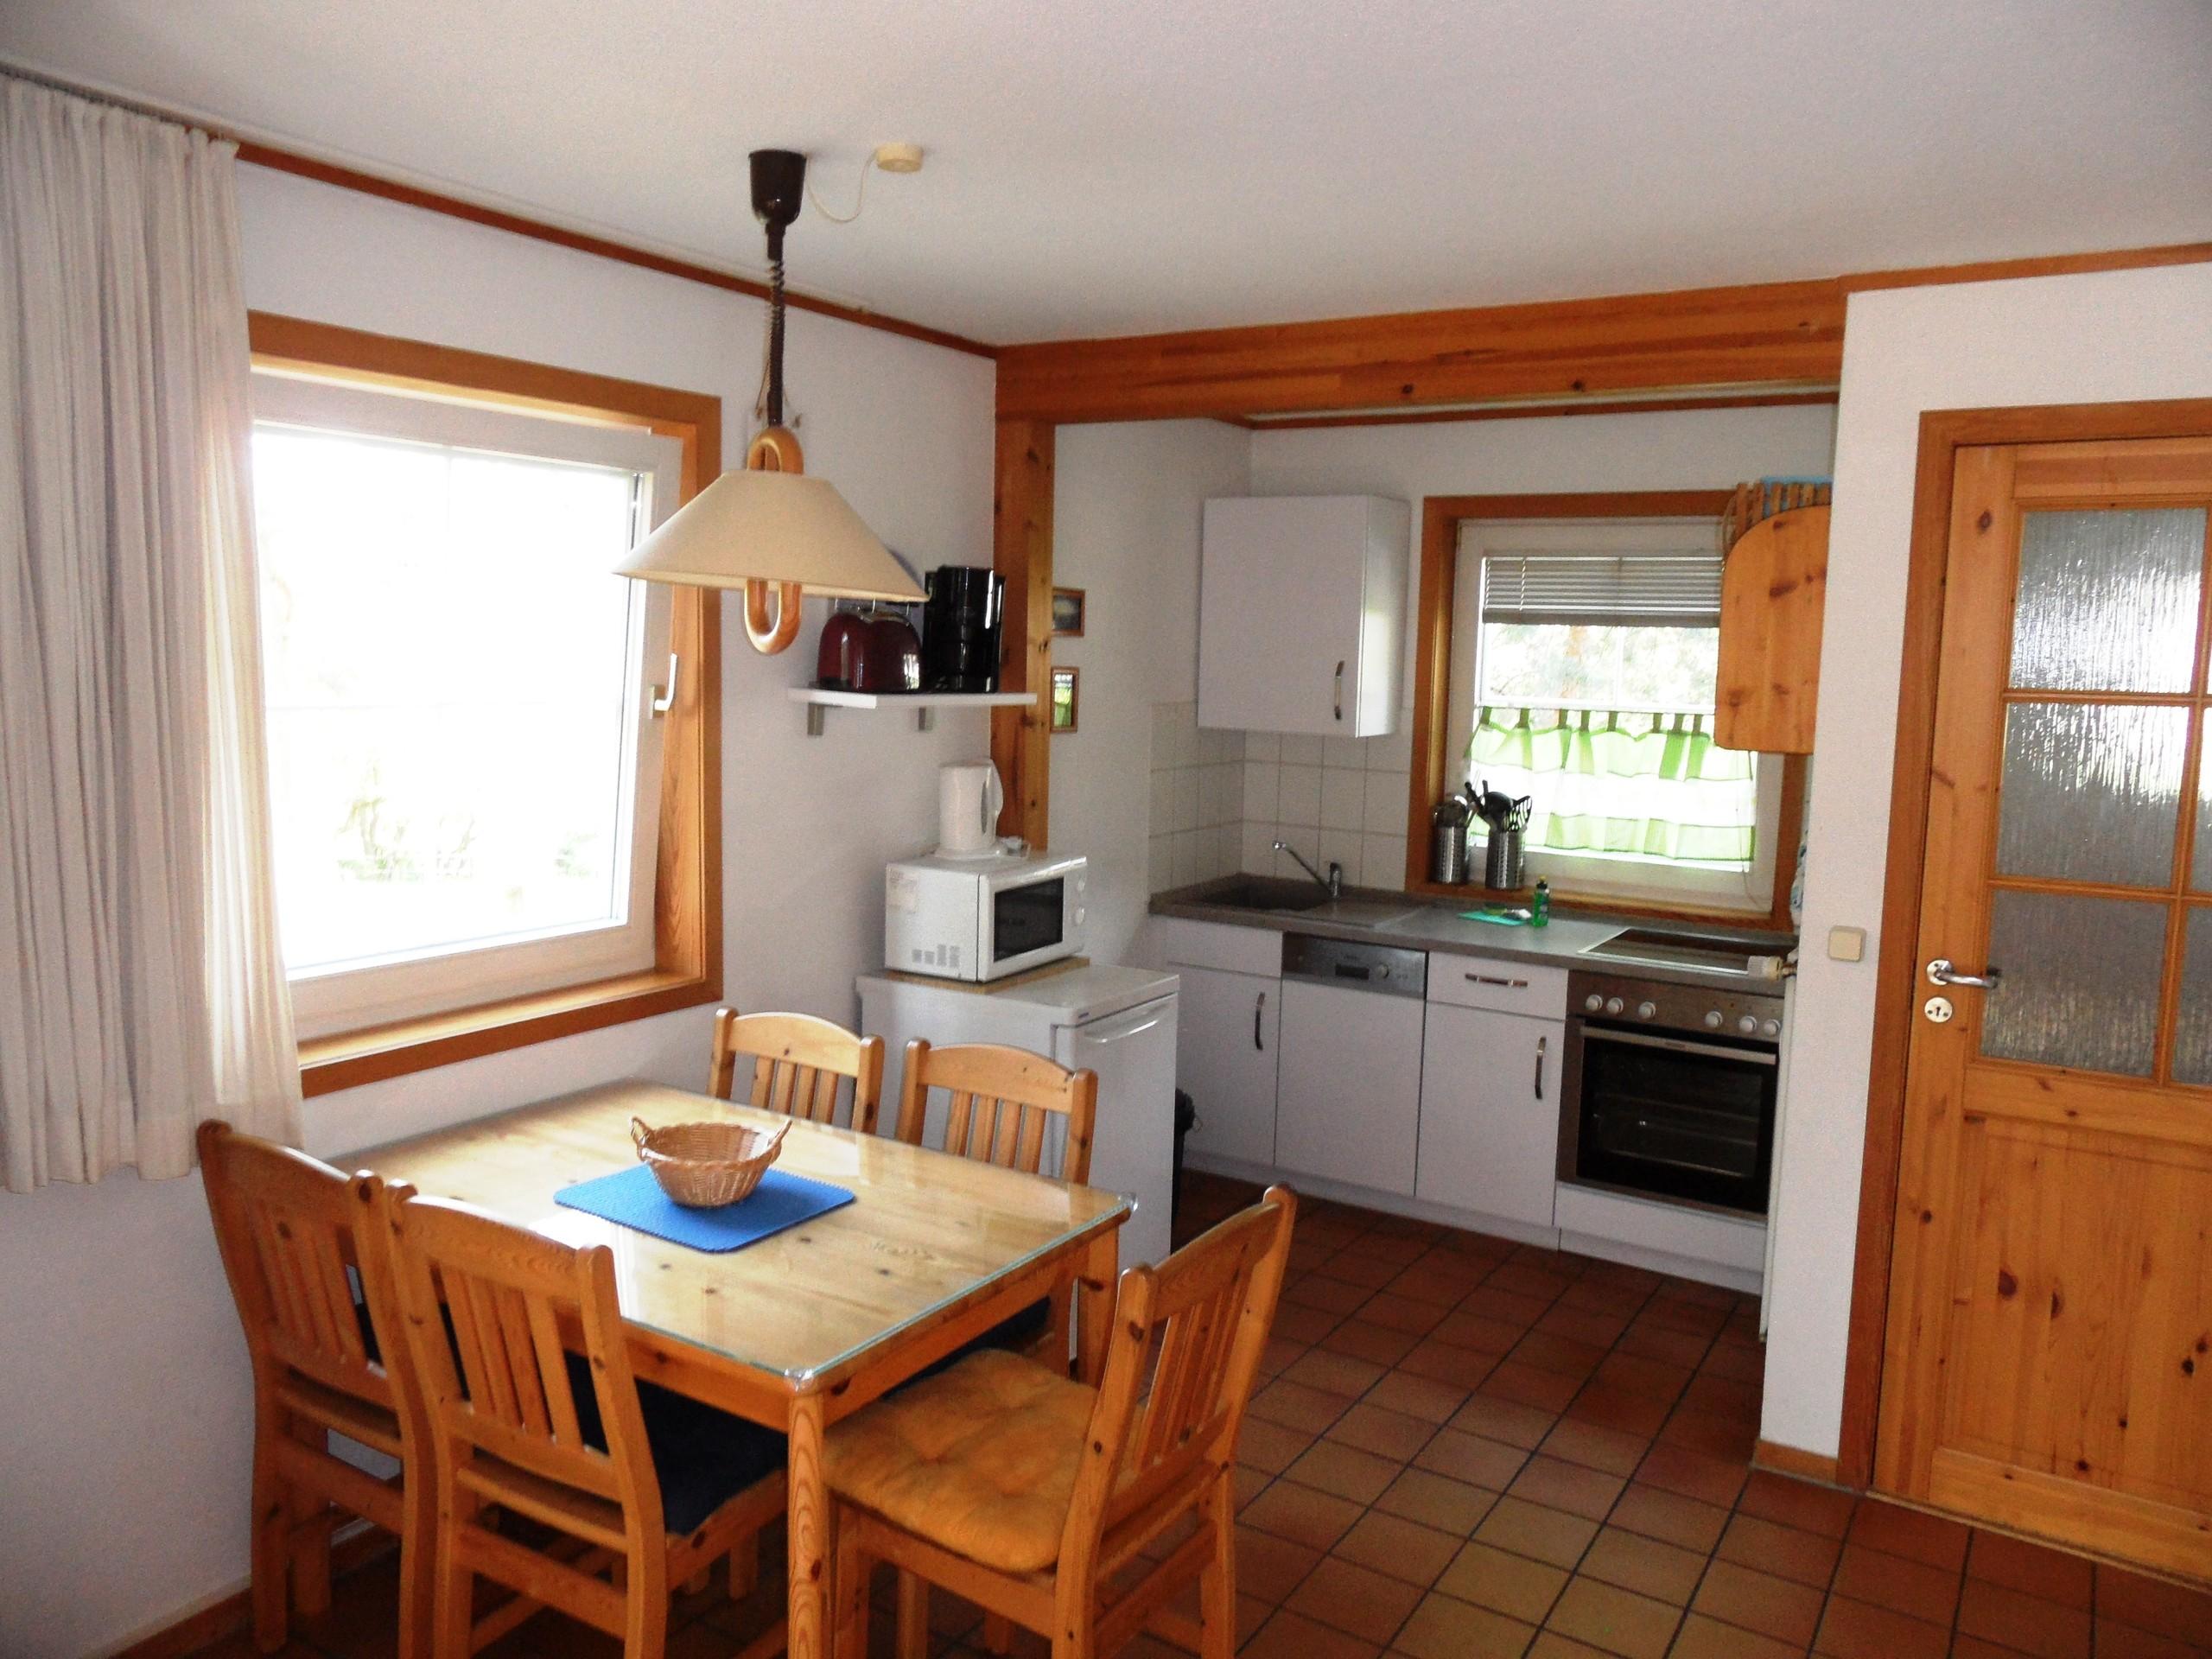 Esszimmer und KücheEsszimmer und Küche